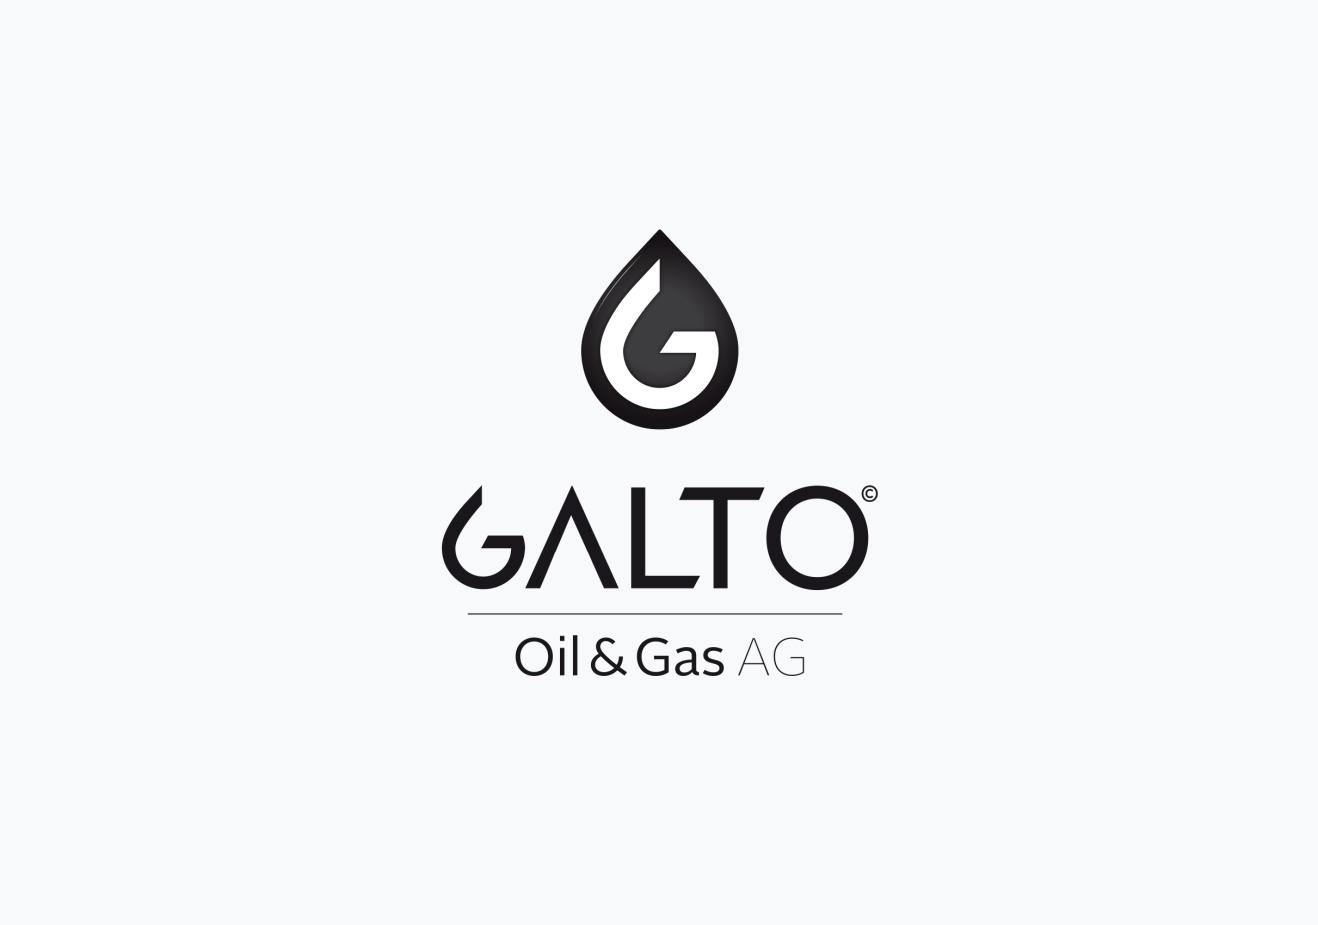 Galto_Logo